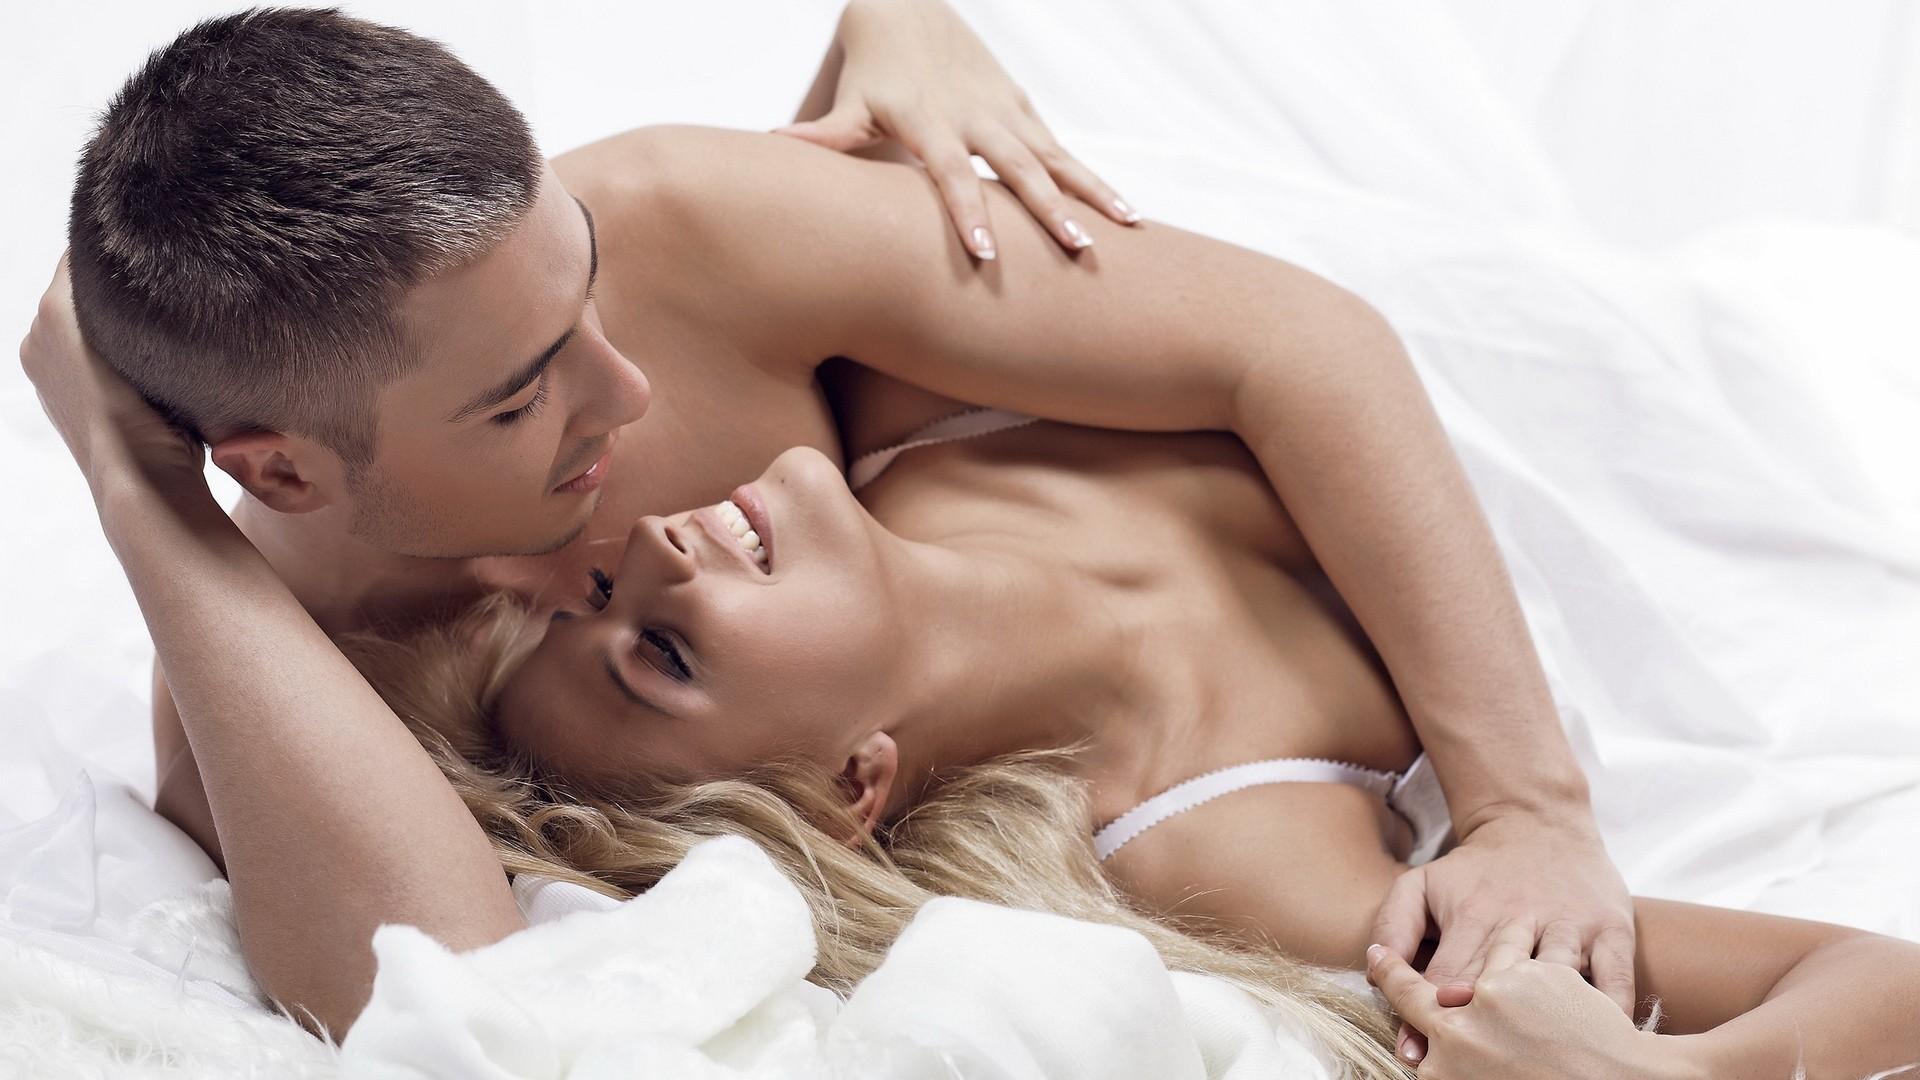 prishla-rayskoe-seksualnoe-naslazhdenie-dlya-muzhchini-razdvinula-nogi-foto